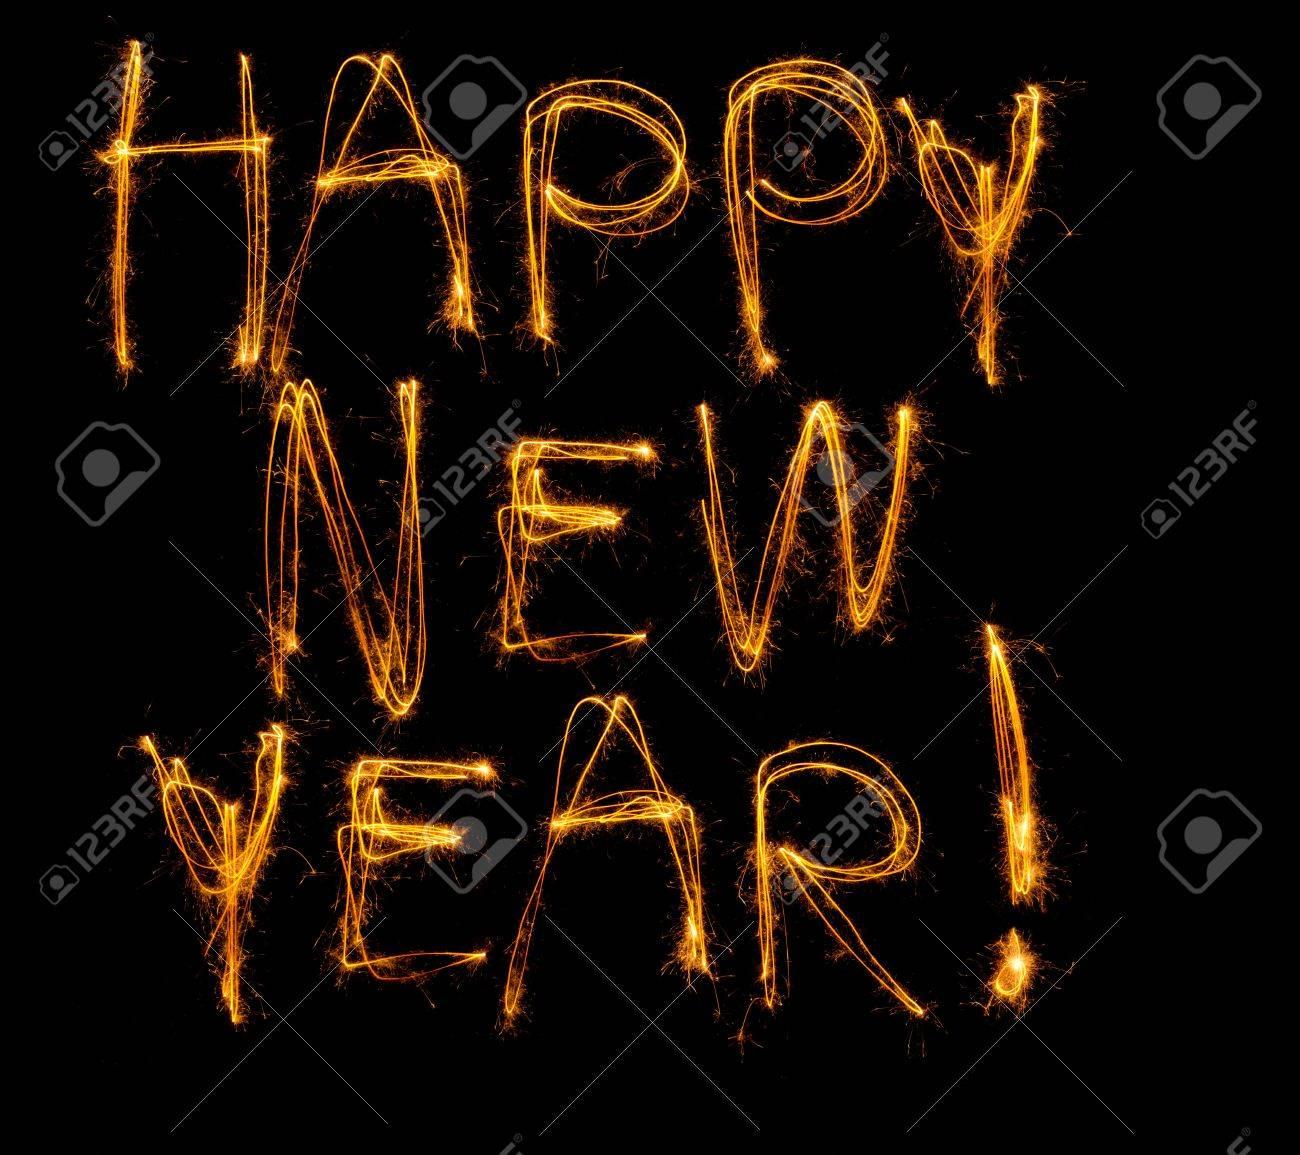 Gelukkig Nieuwjaar Geschreven In Sterretjes Geisoleerd Op Zwart